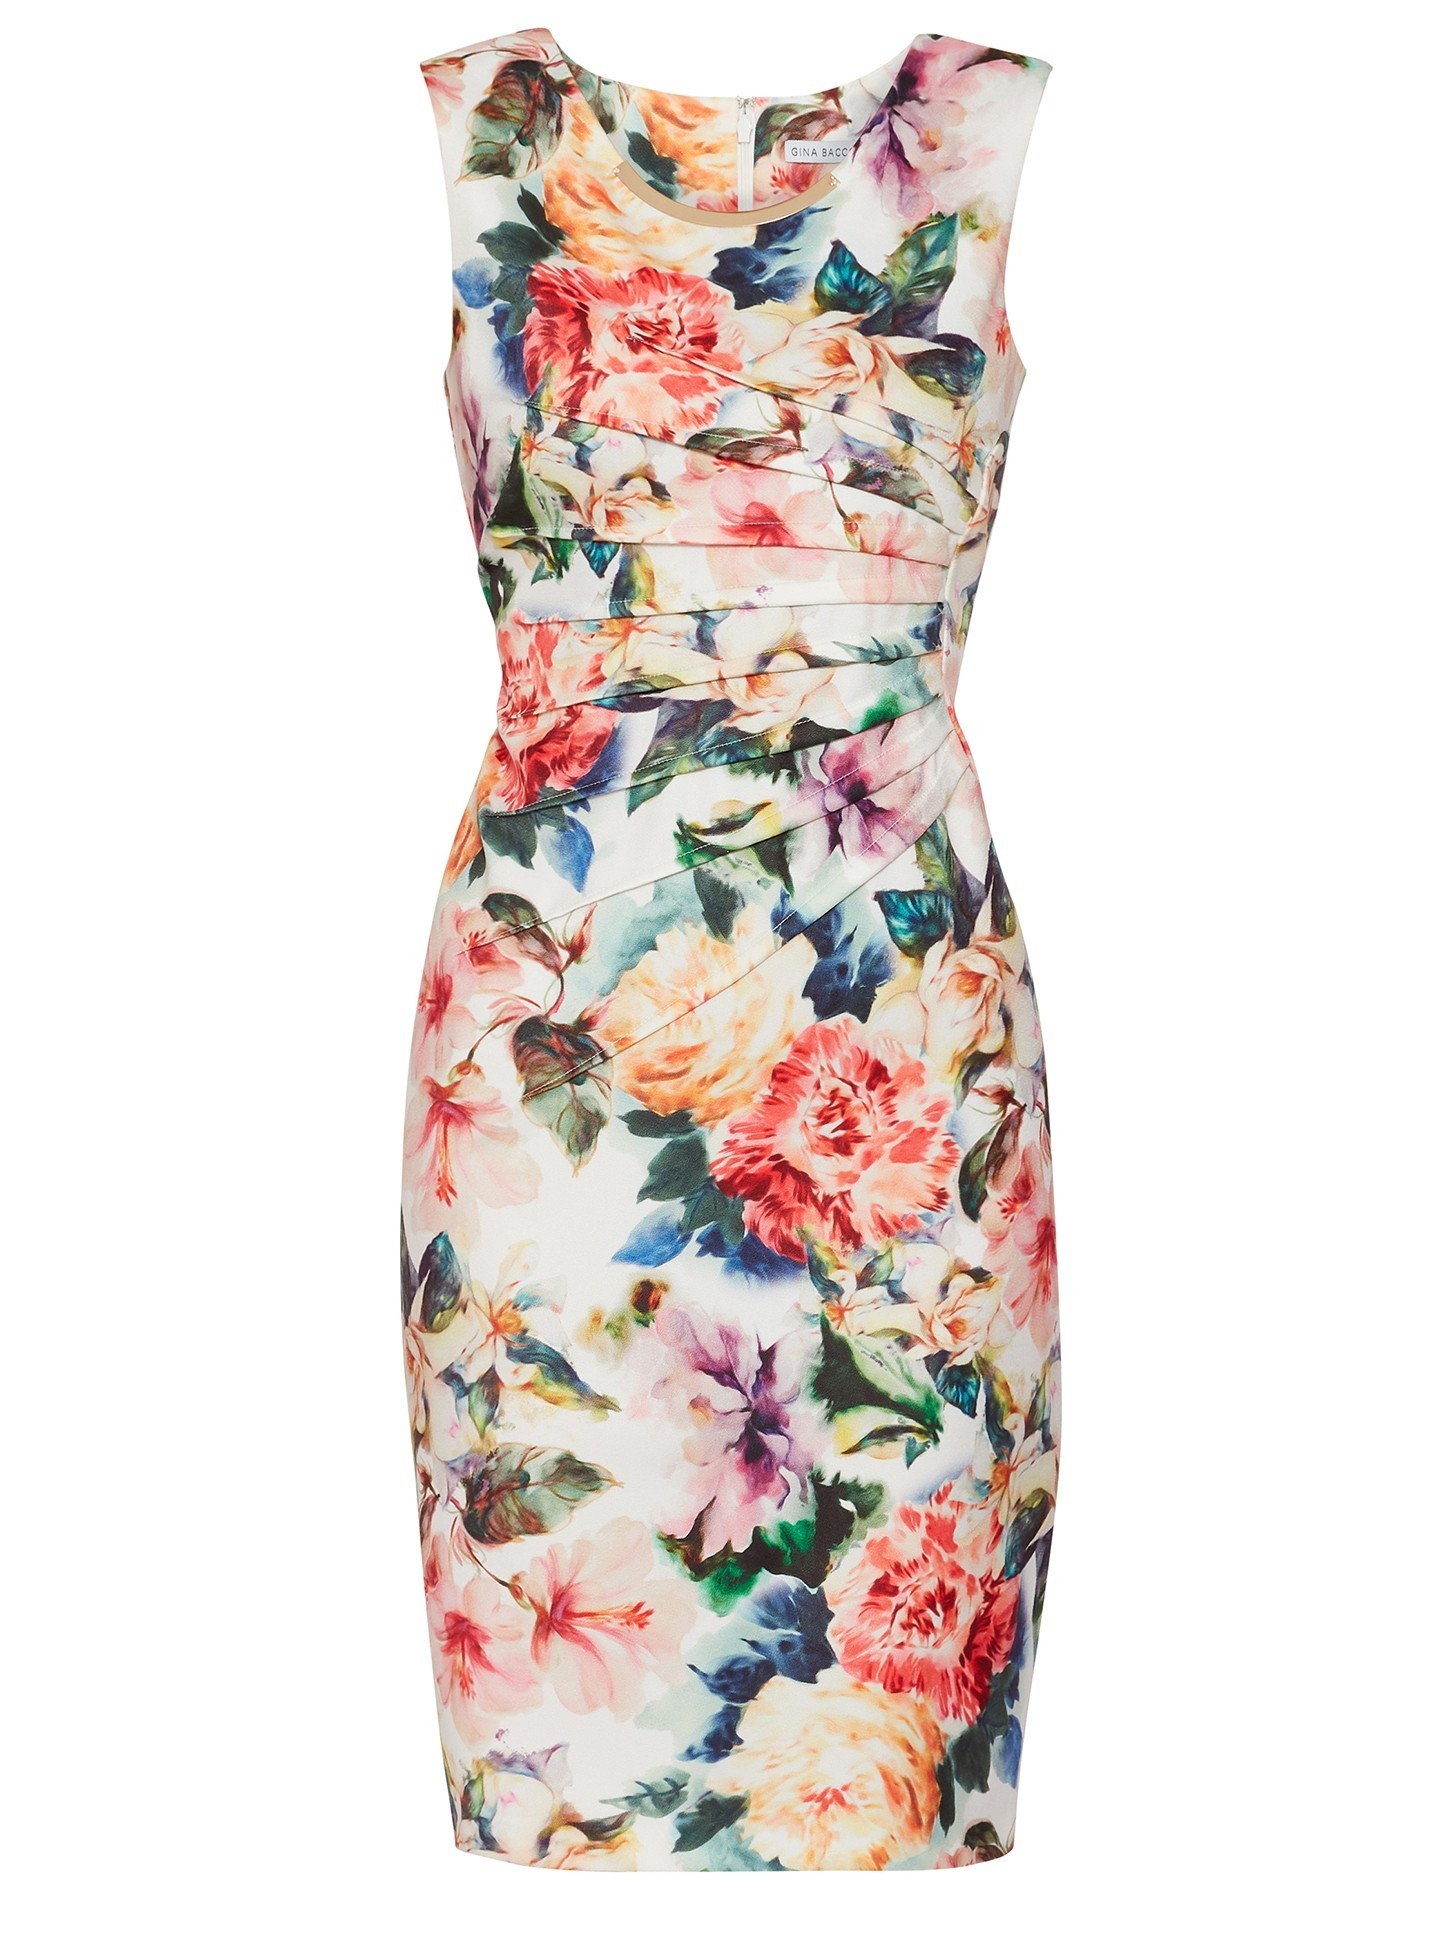 Vitina Floral Scuba Dress